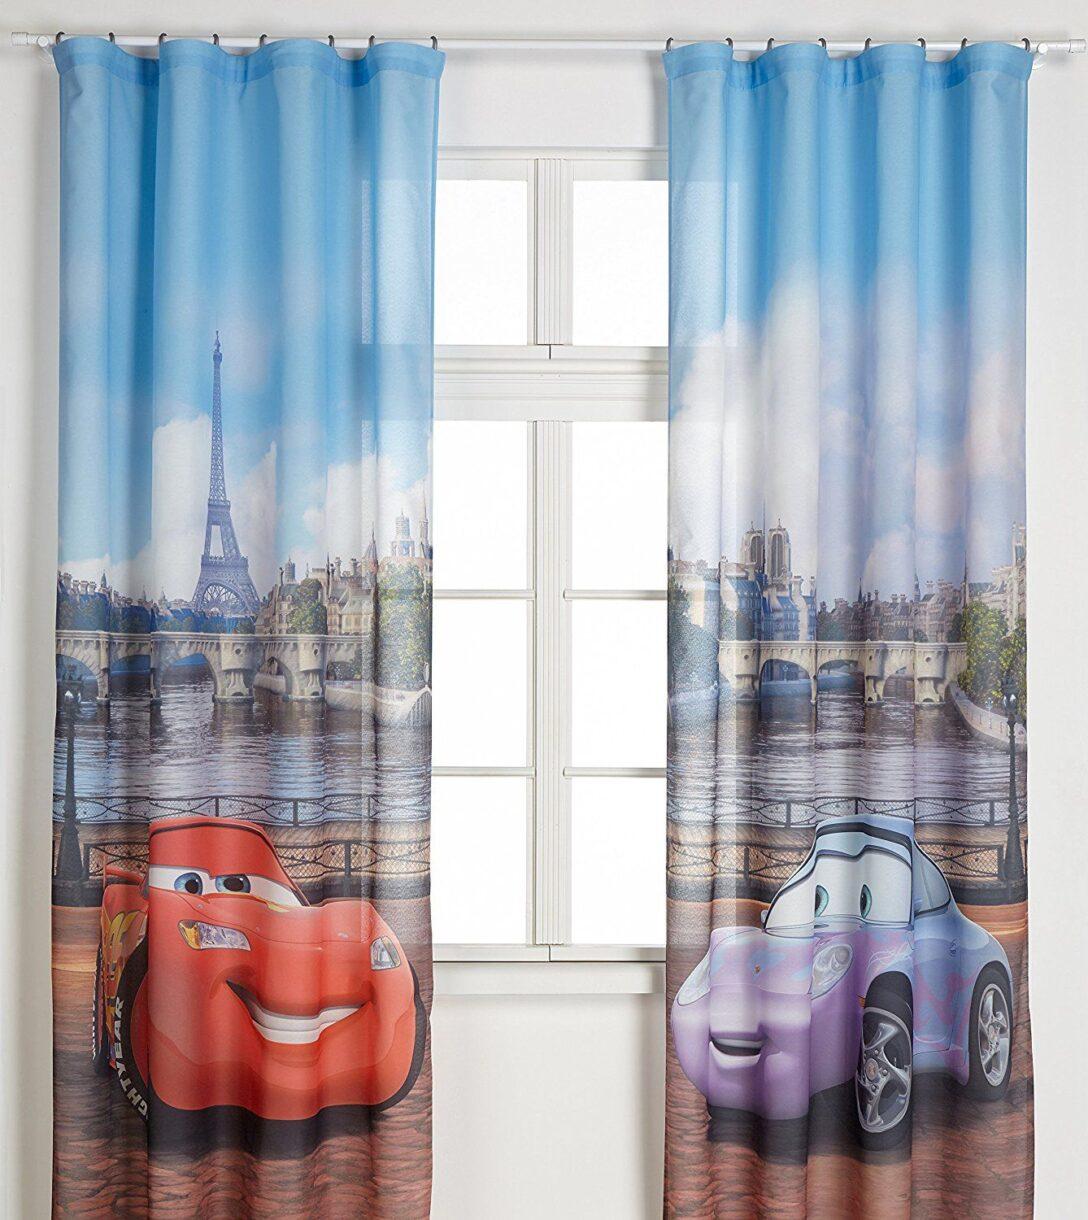 Large Size of Kinderzimmer Vorhang Autozimmer Disney Cars Vorhnge Fr Das Gardine Regal Weiß Küche Regale Sofa Wohnzimmer Bad Kinderzimmer Kinderzimmer Vorhang